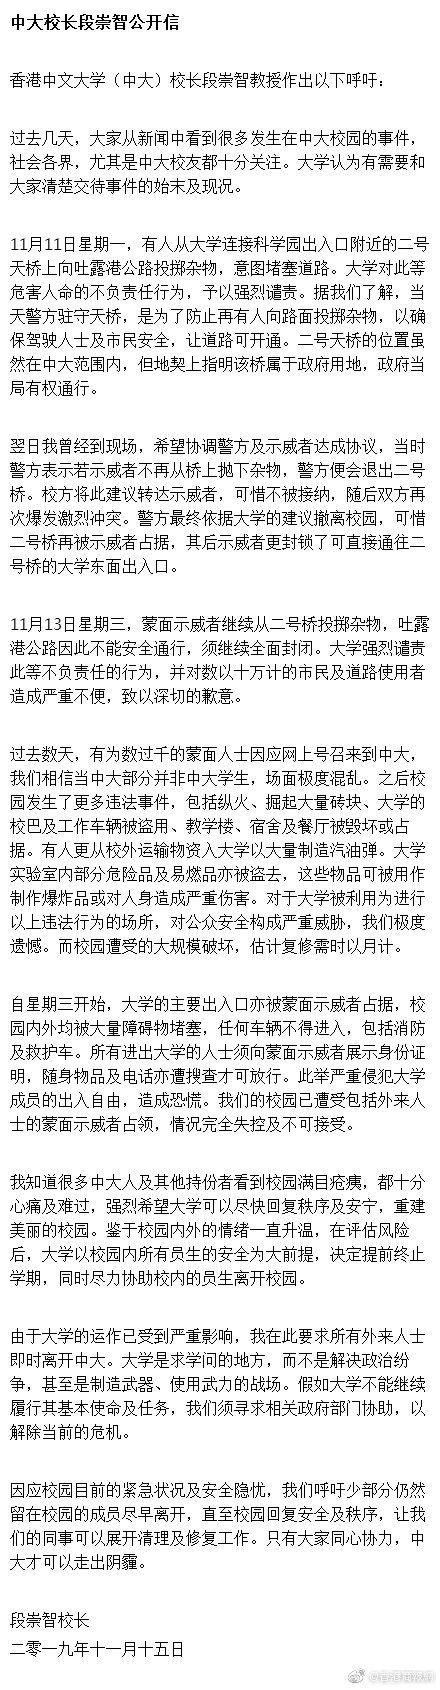 港中文校长:外来示威者占领校园 不排除请求政府协助